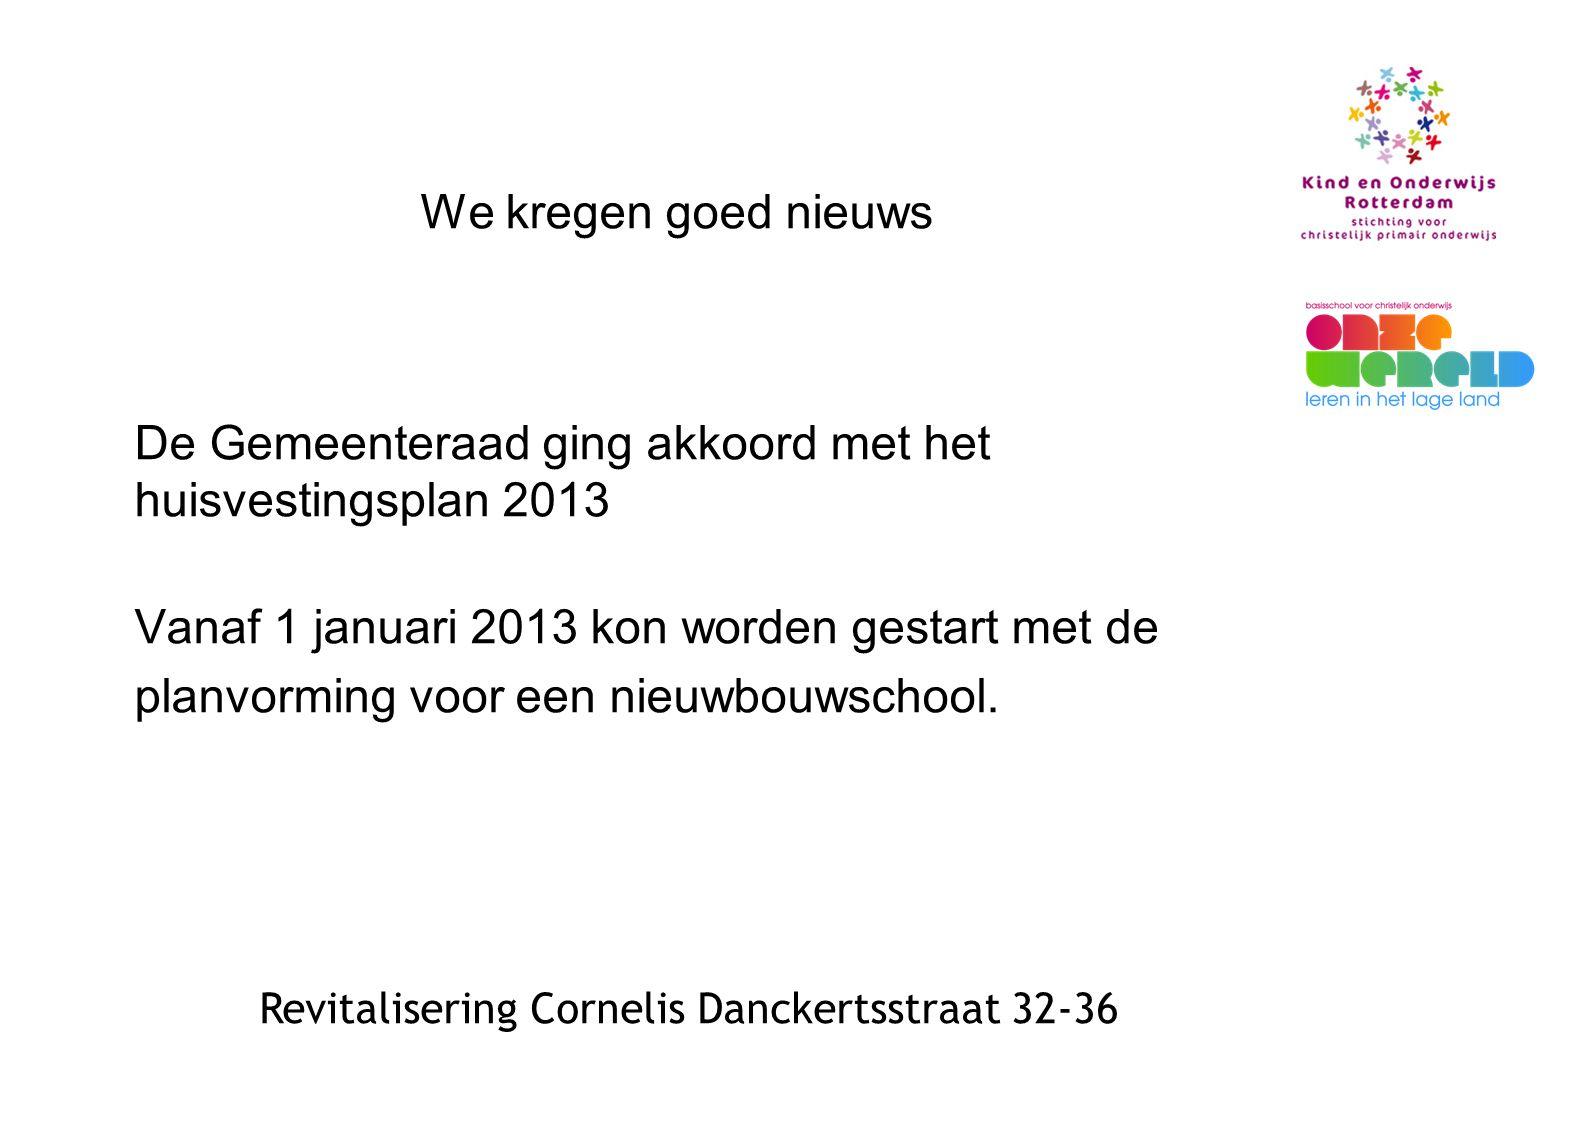 Revitalisering Cornelis Danckertsstraat 32-36 We kregen goed nieuws De Gemeenteraad ging akkoord met het huisvestingsplan 2013 Vanaf 1 januari 2013 kon worden gestart met de planvorming voor een nieuwbouwschool.